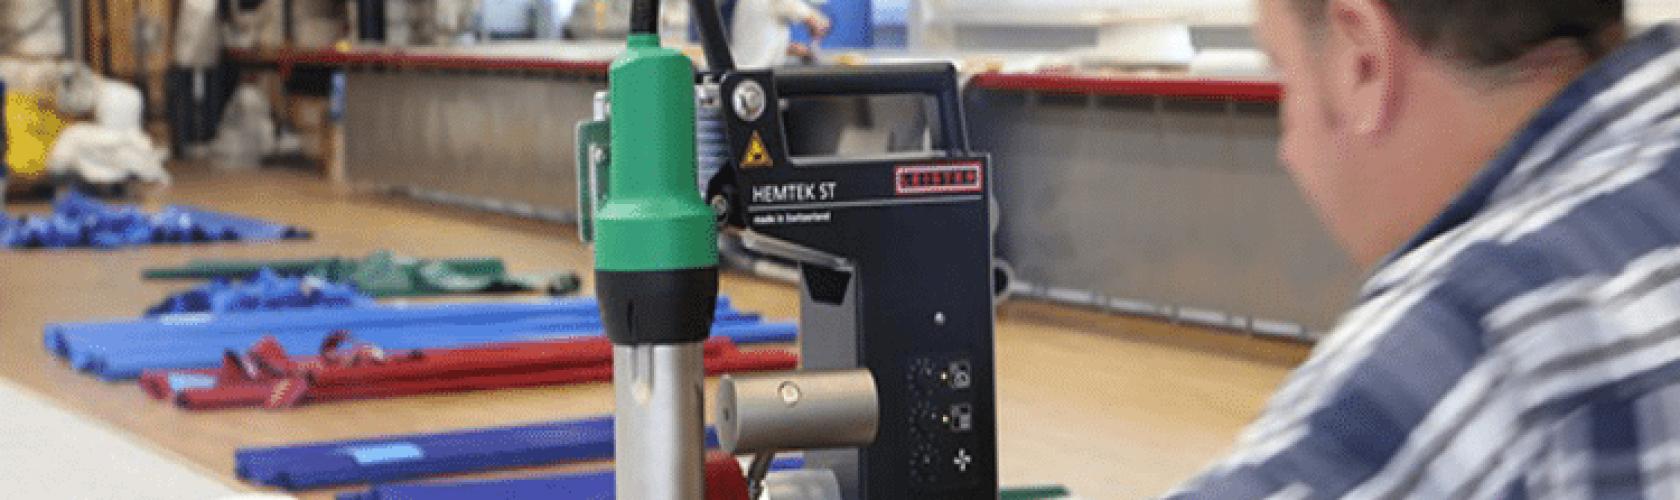 כלי עבודה חשמליים - כלים תעשייתיים